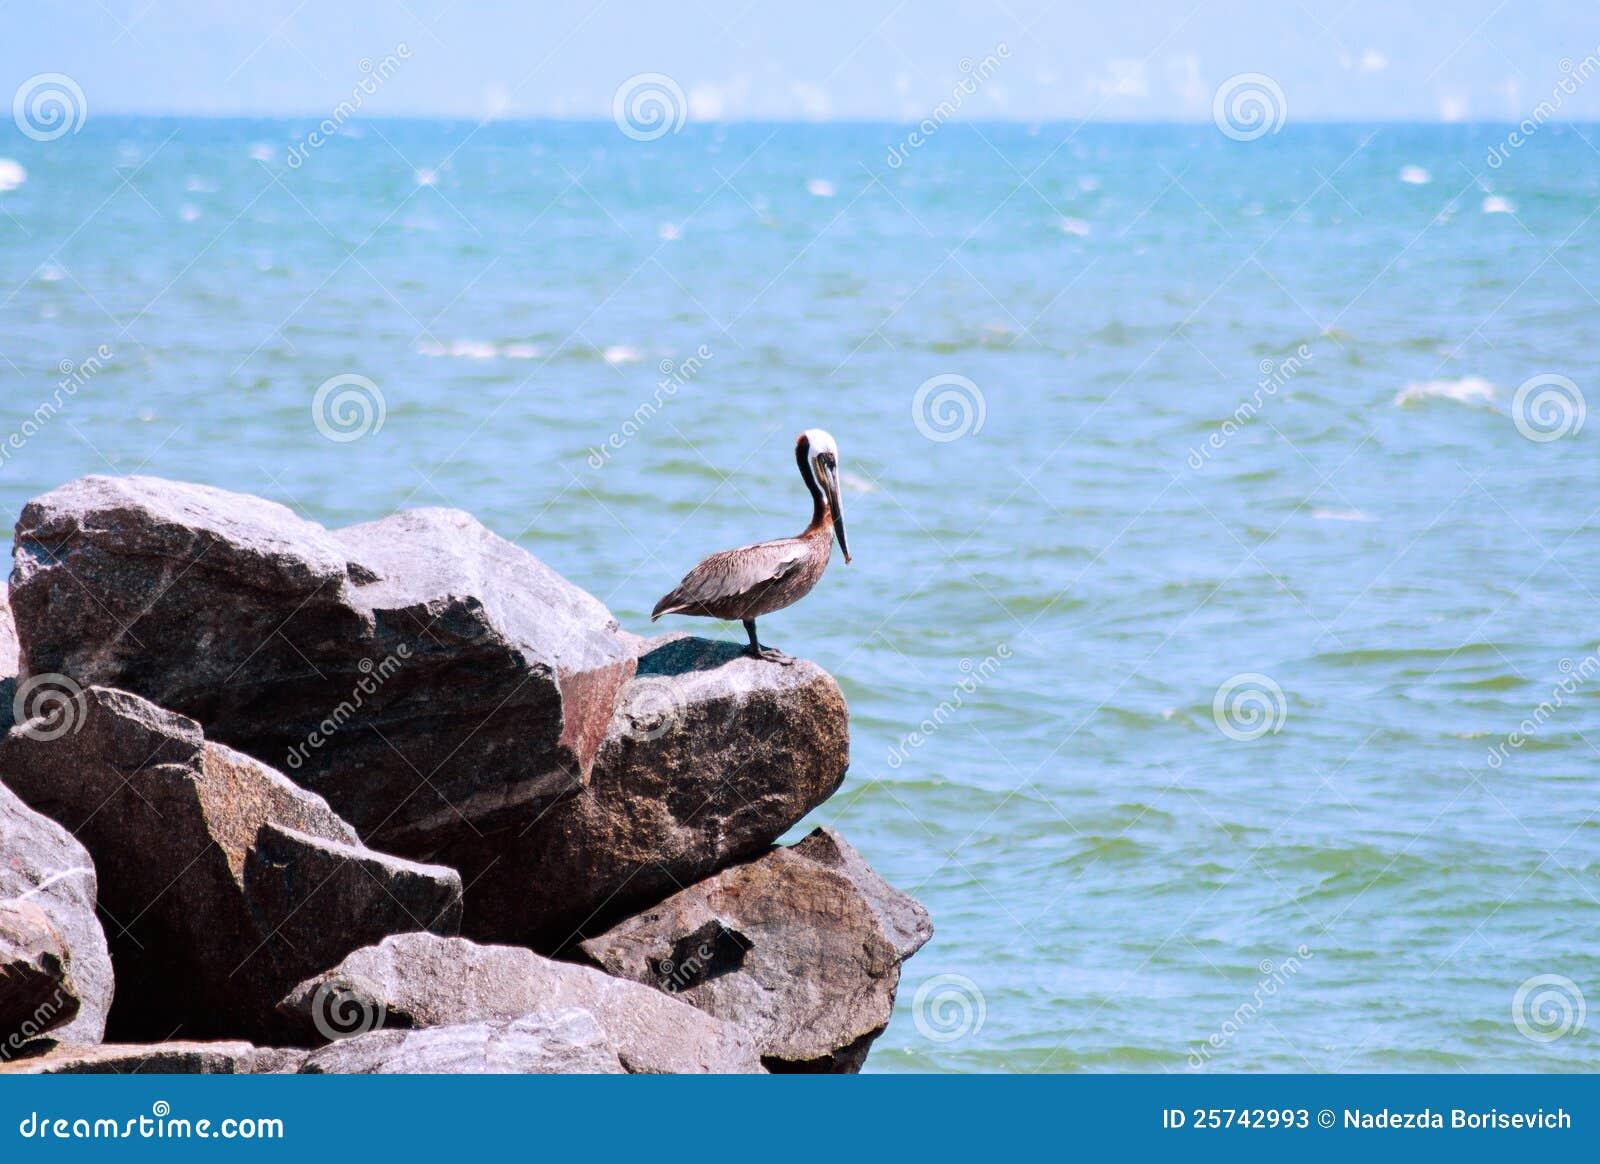 Single pelican on the rocks